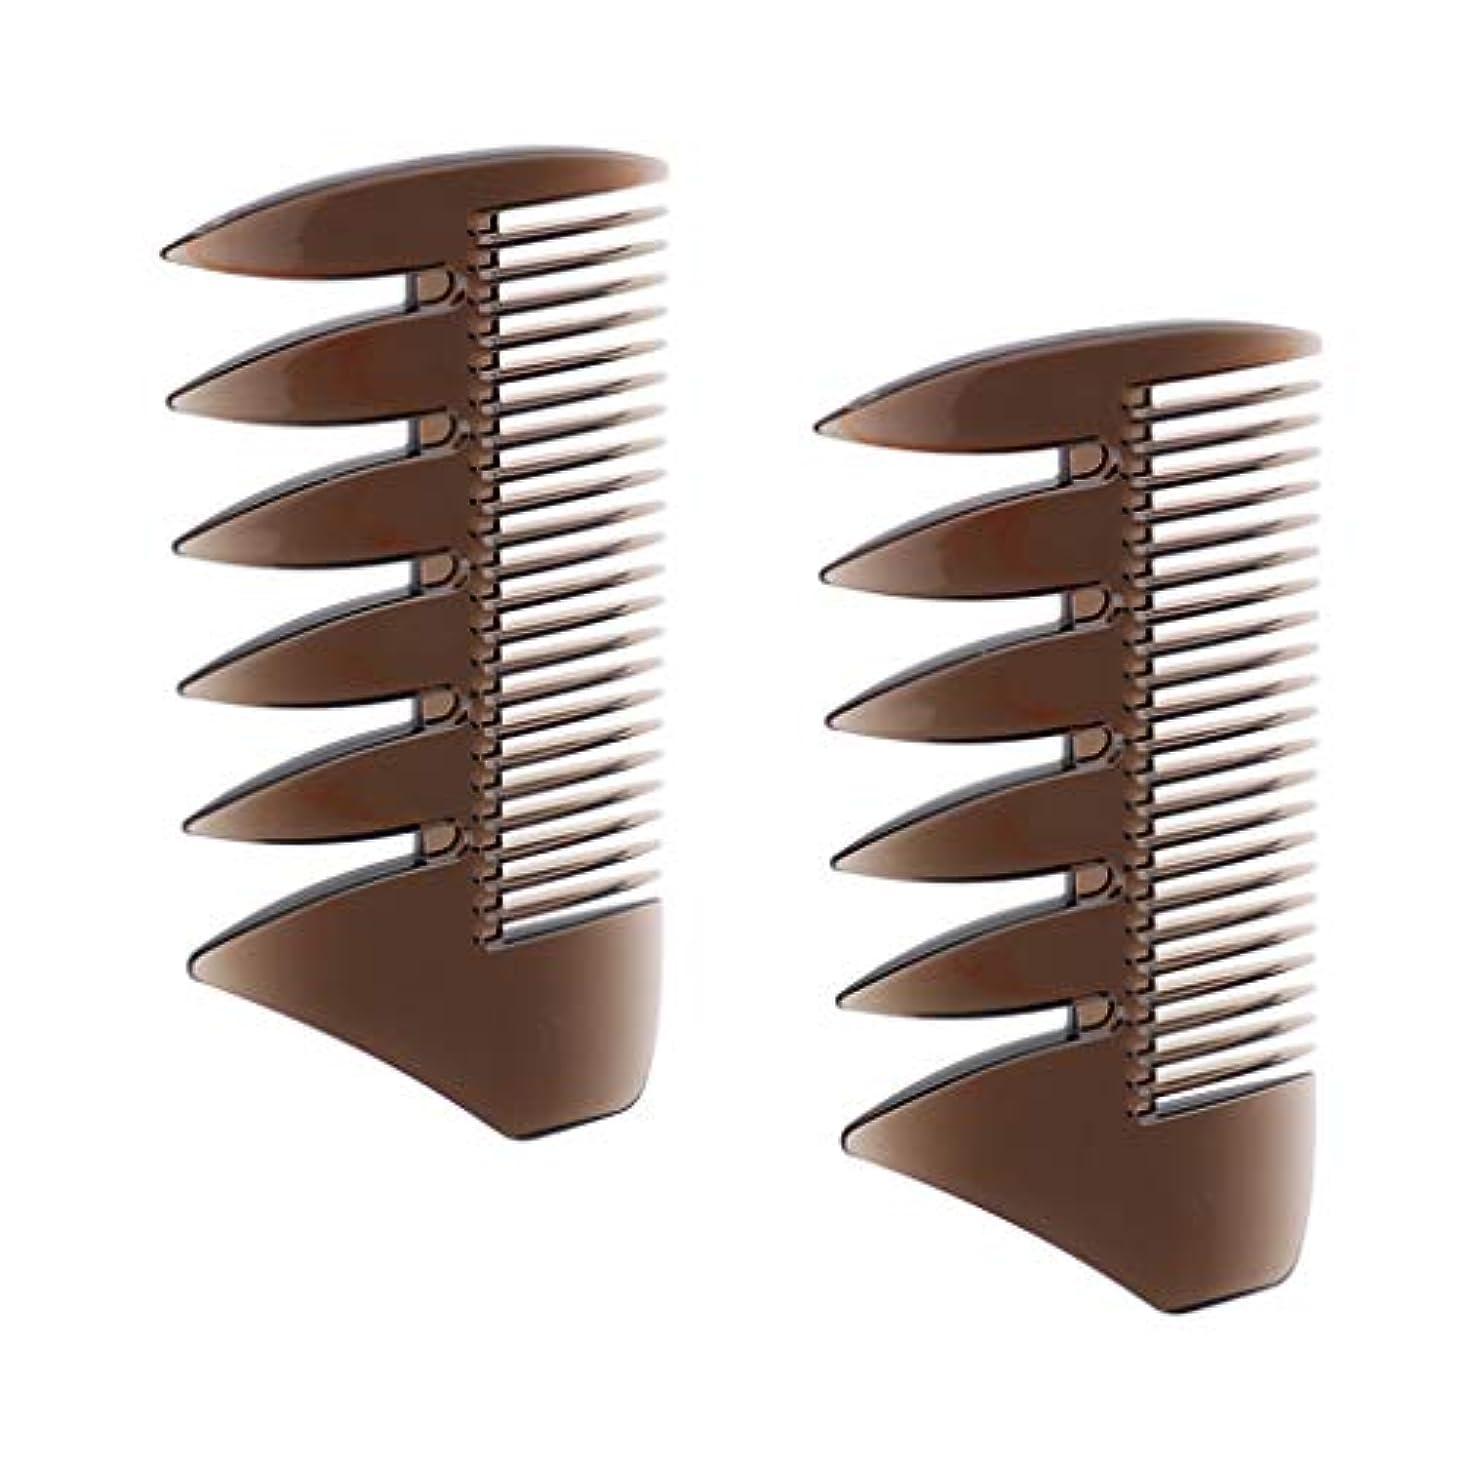 血まみれのマーガレットミッチェル著作権F Fityle 2個 ヘアコンビ デュアルサイド メンズ オイルの髪 櫛 ヘアサロン ヘアスタイリング